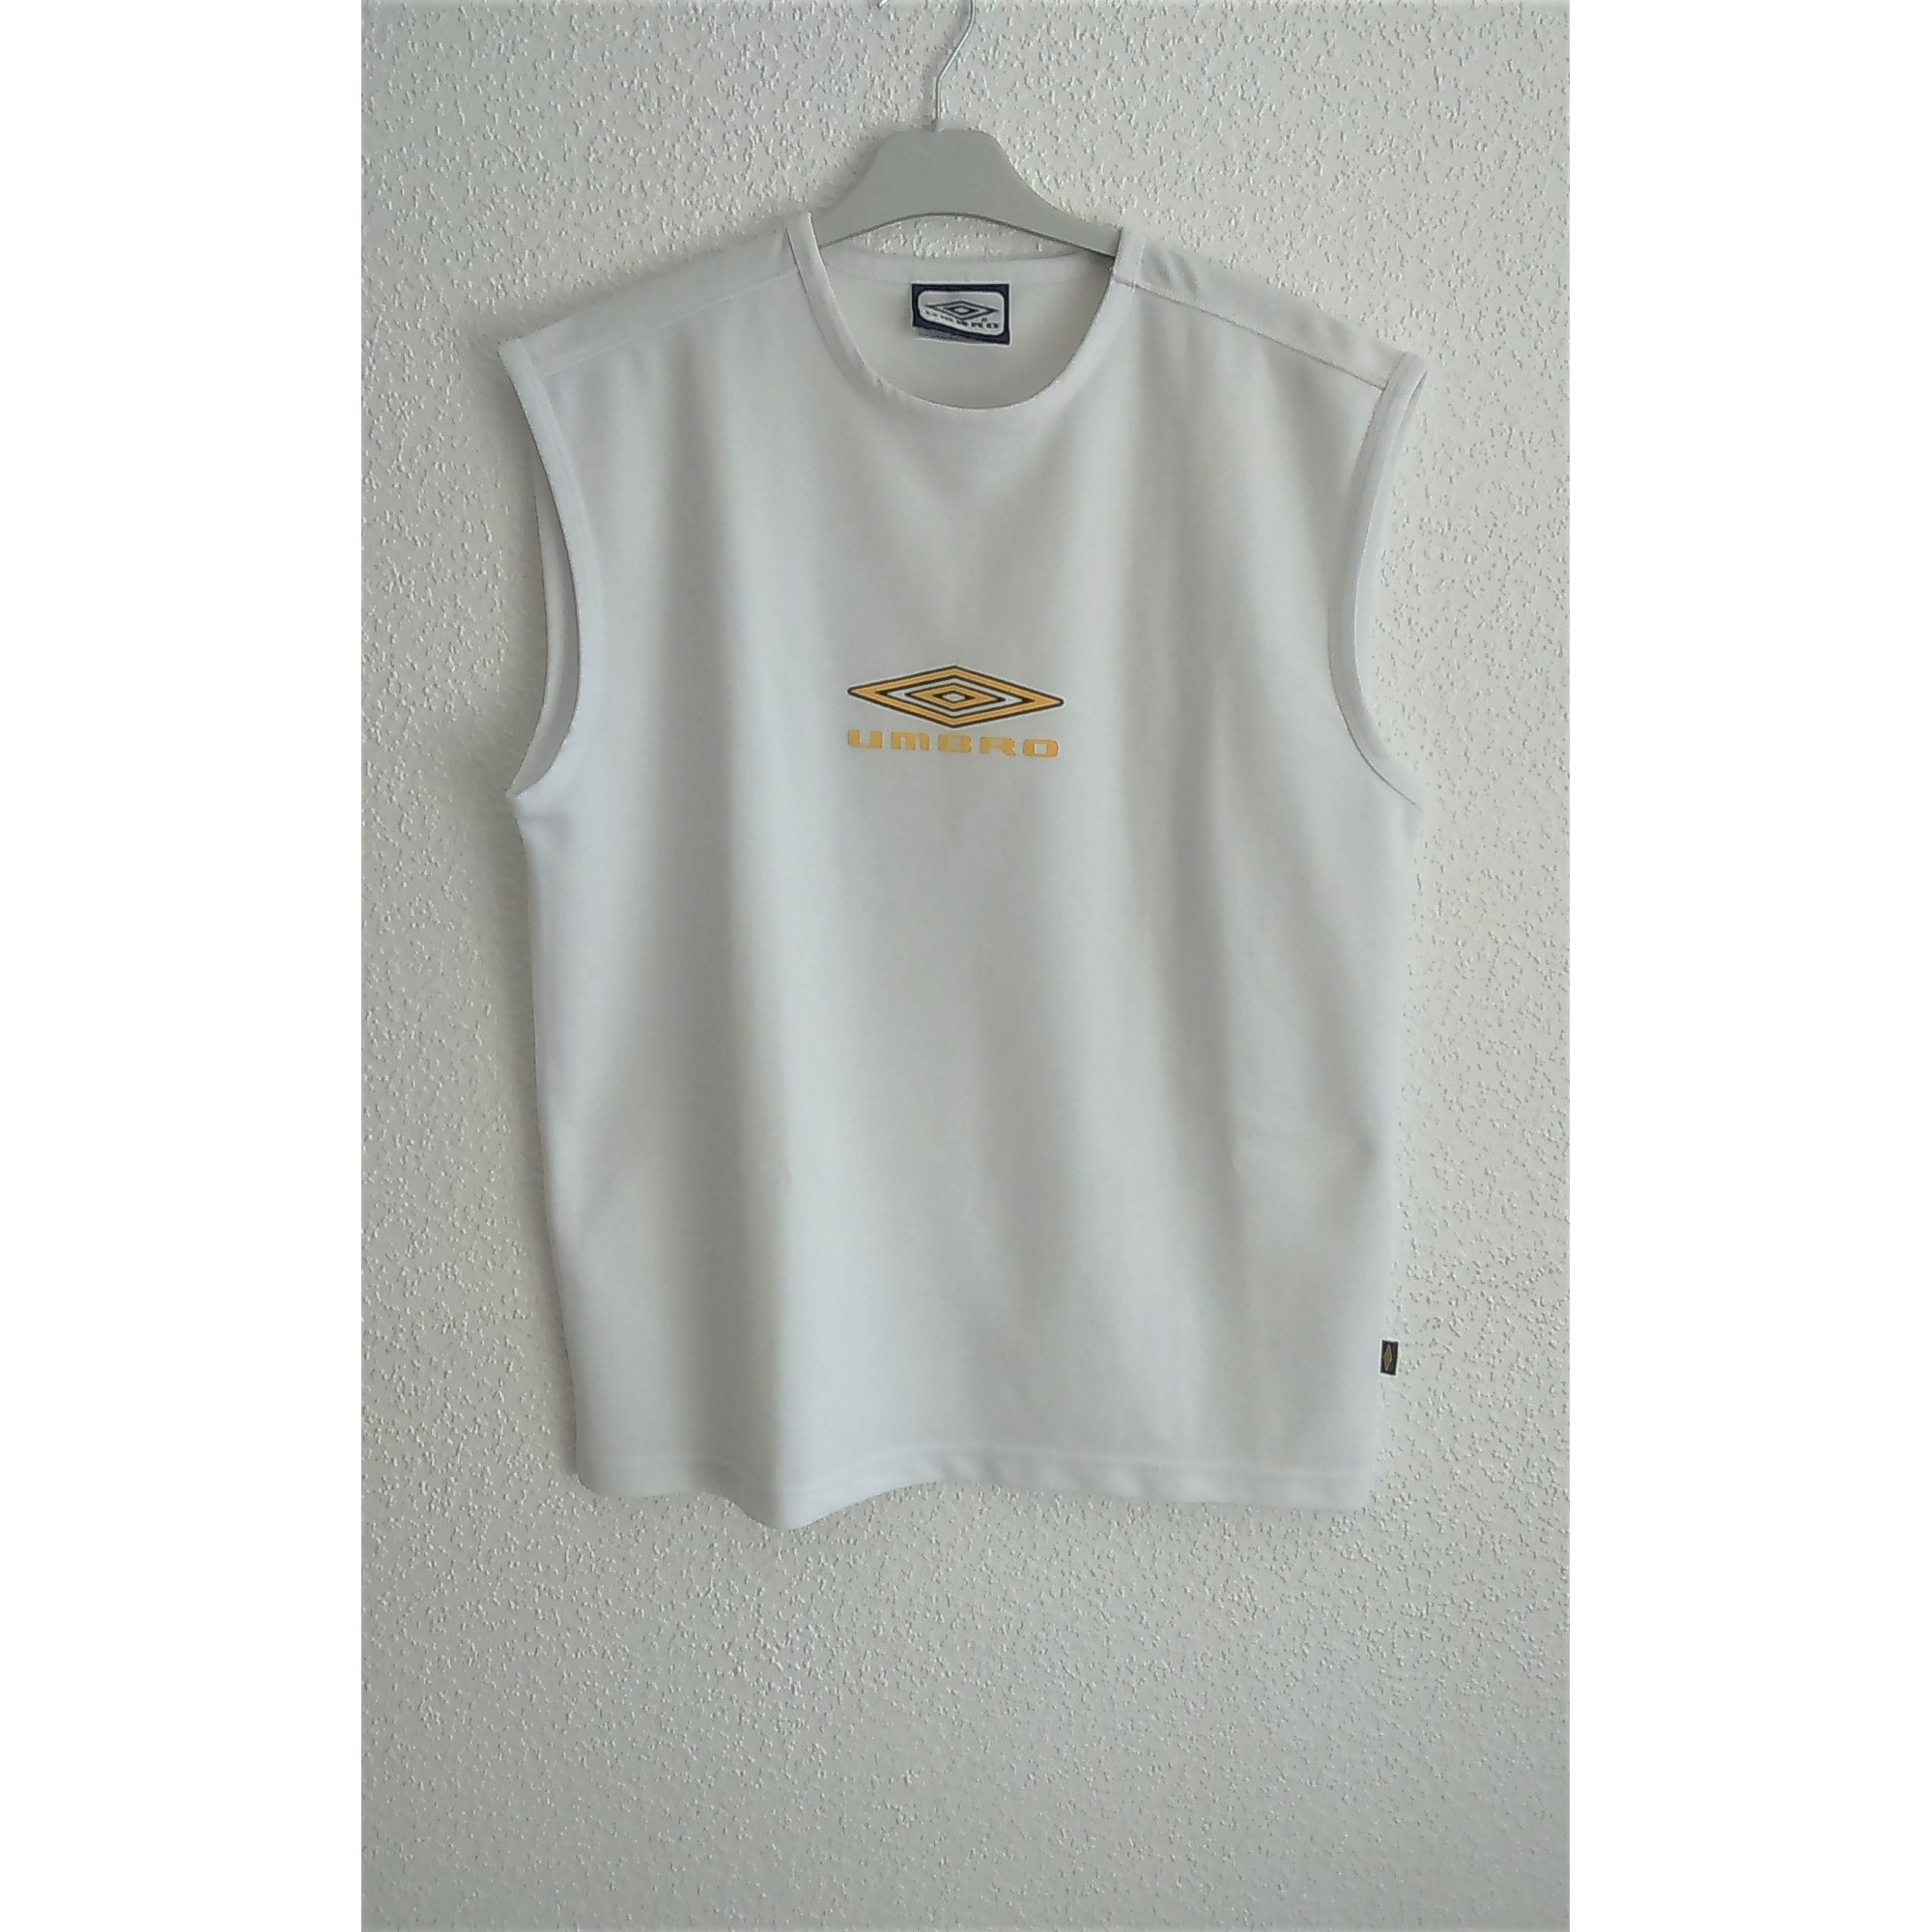 T-shirt UMBRO White, off-white, ecru